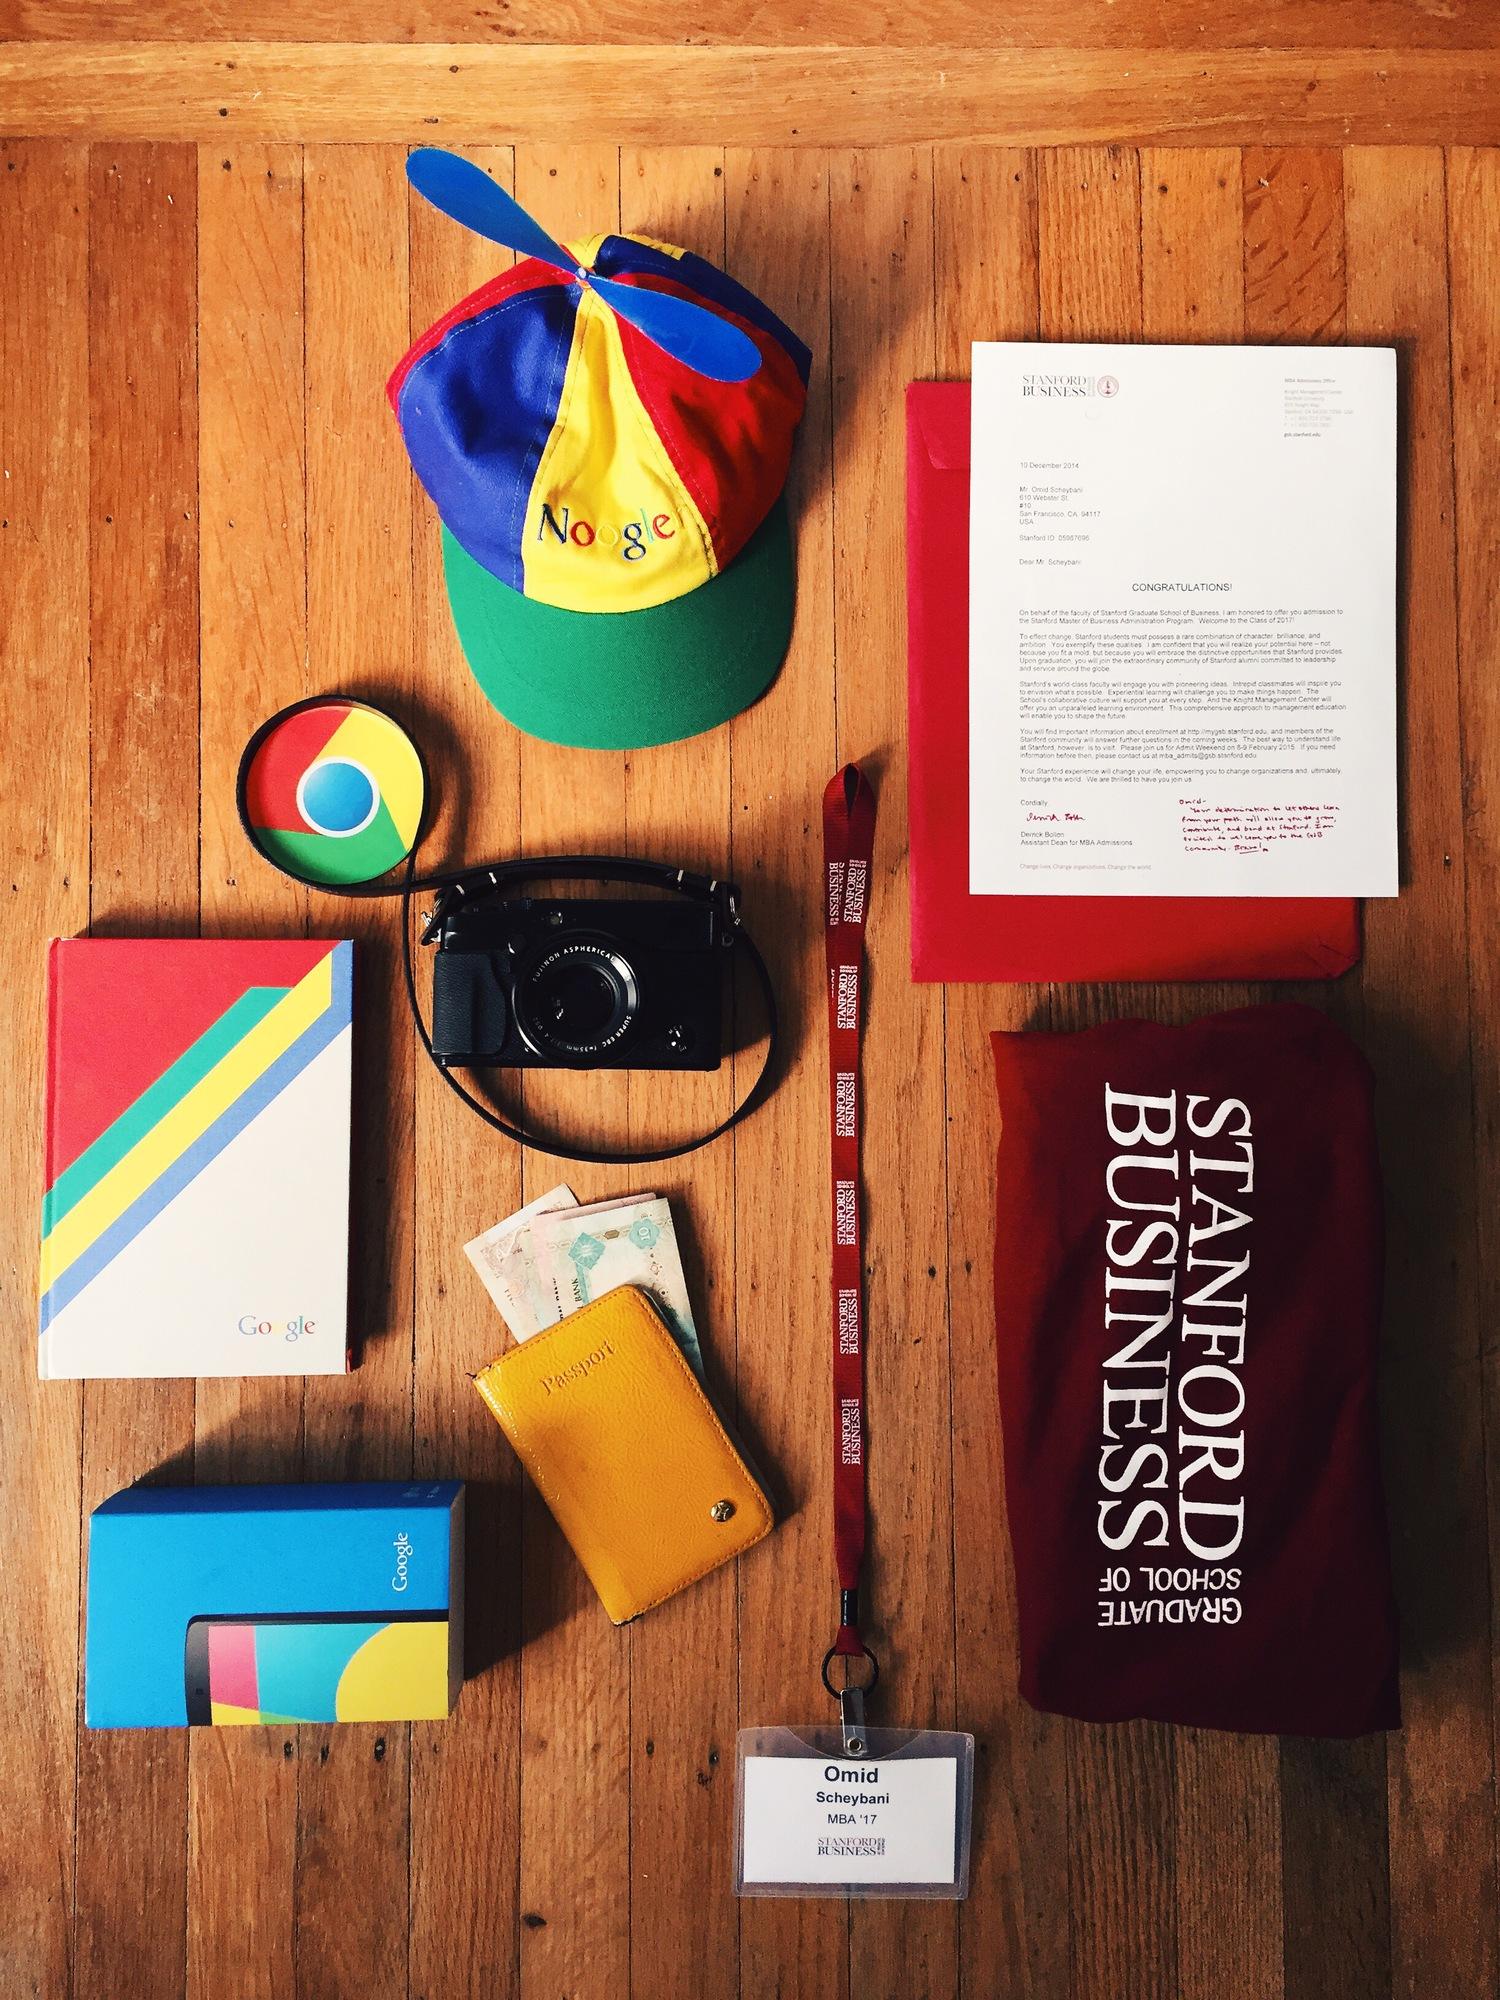 Good-bye Google, Hello Stanford! — Omid Scheybani